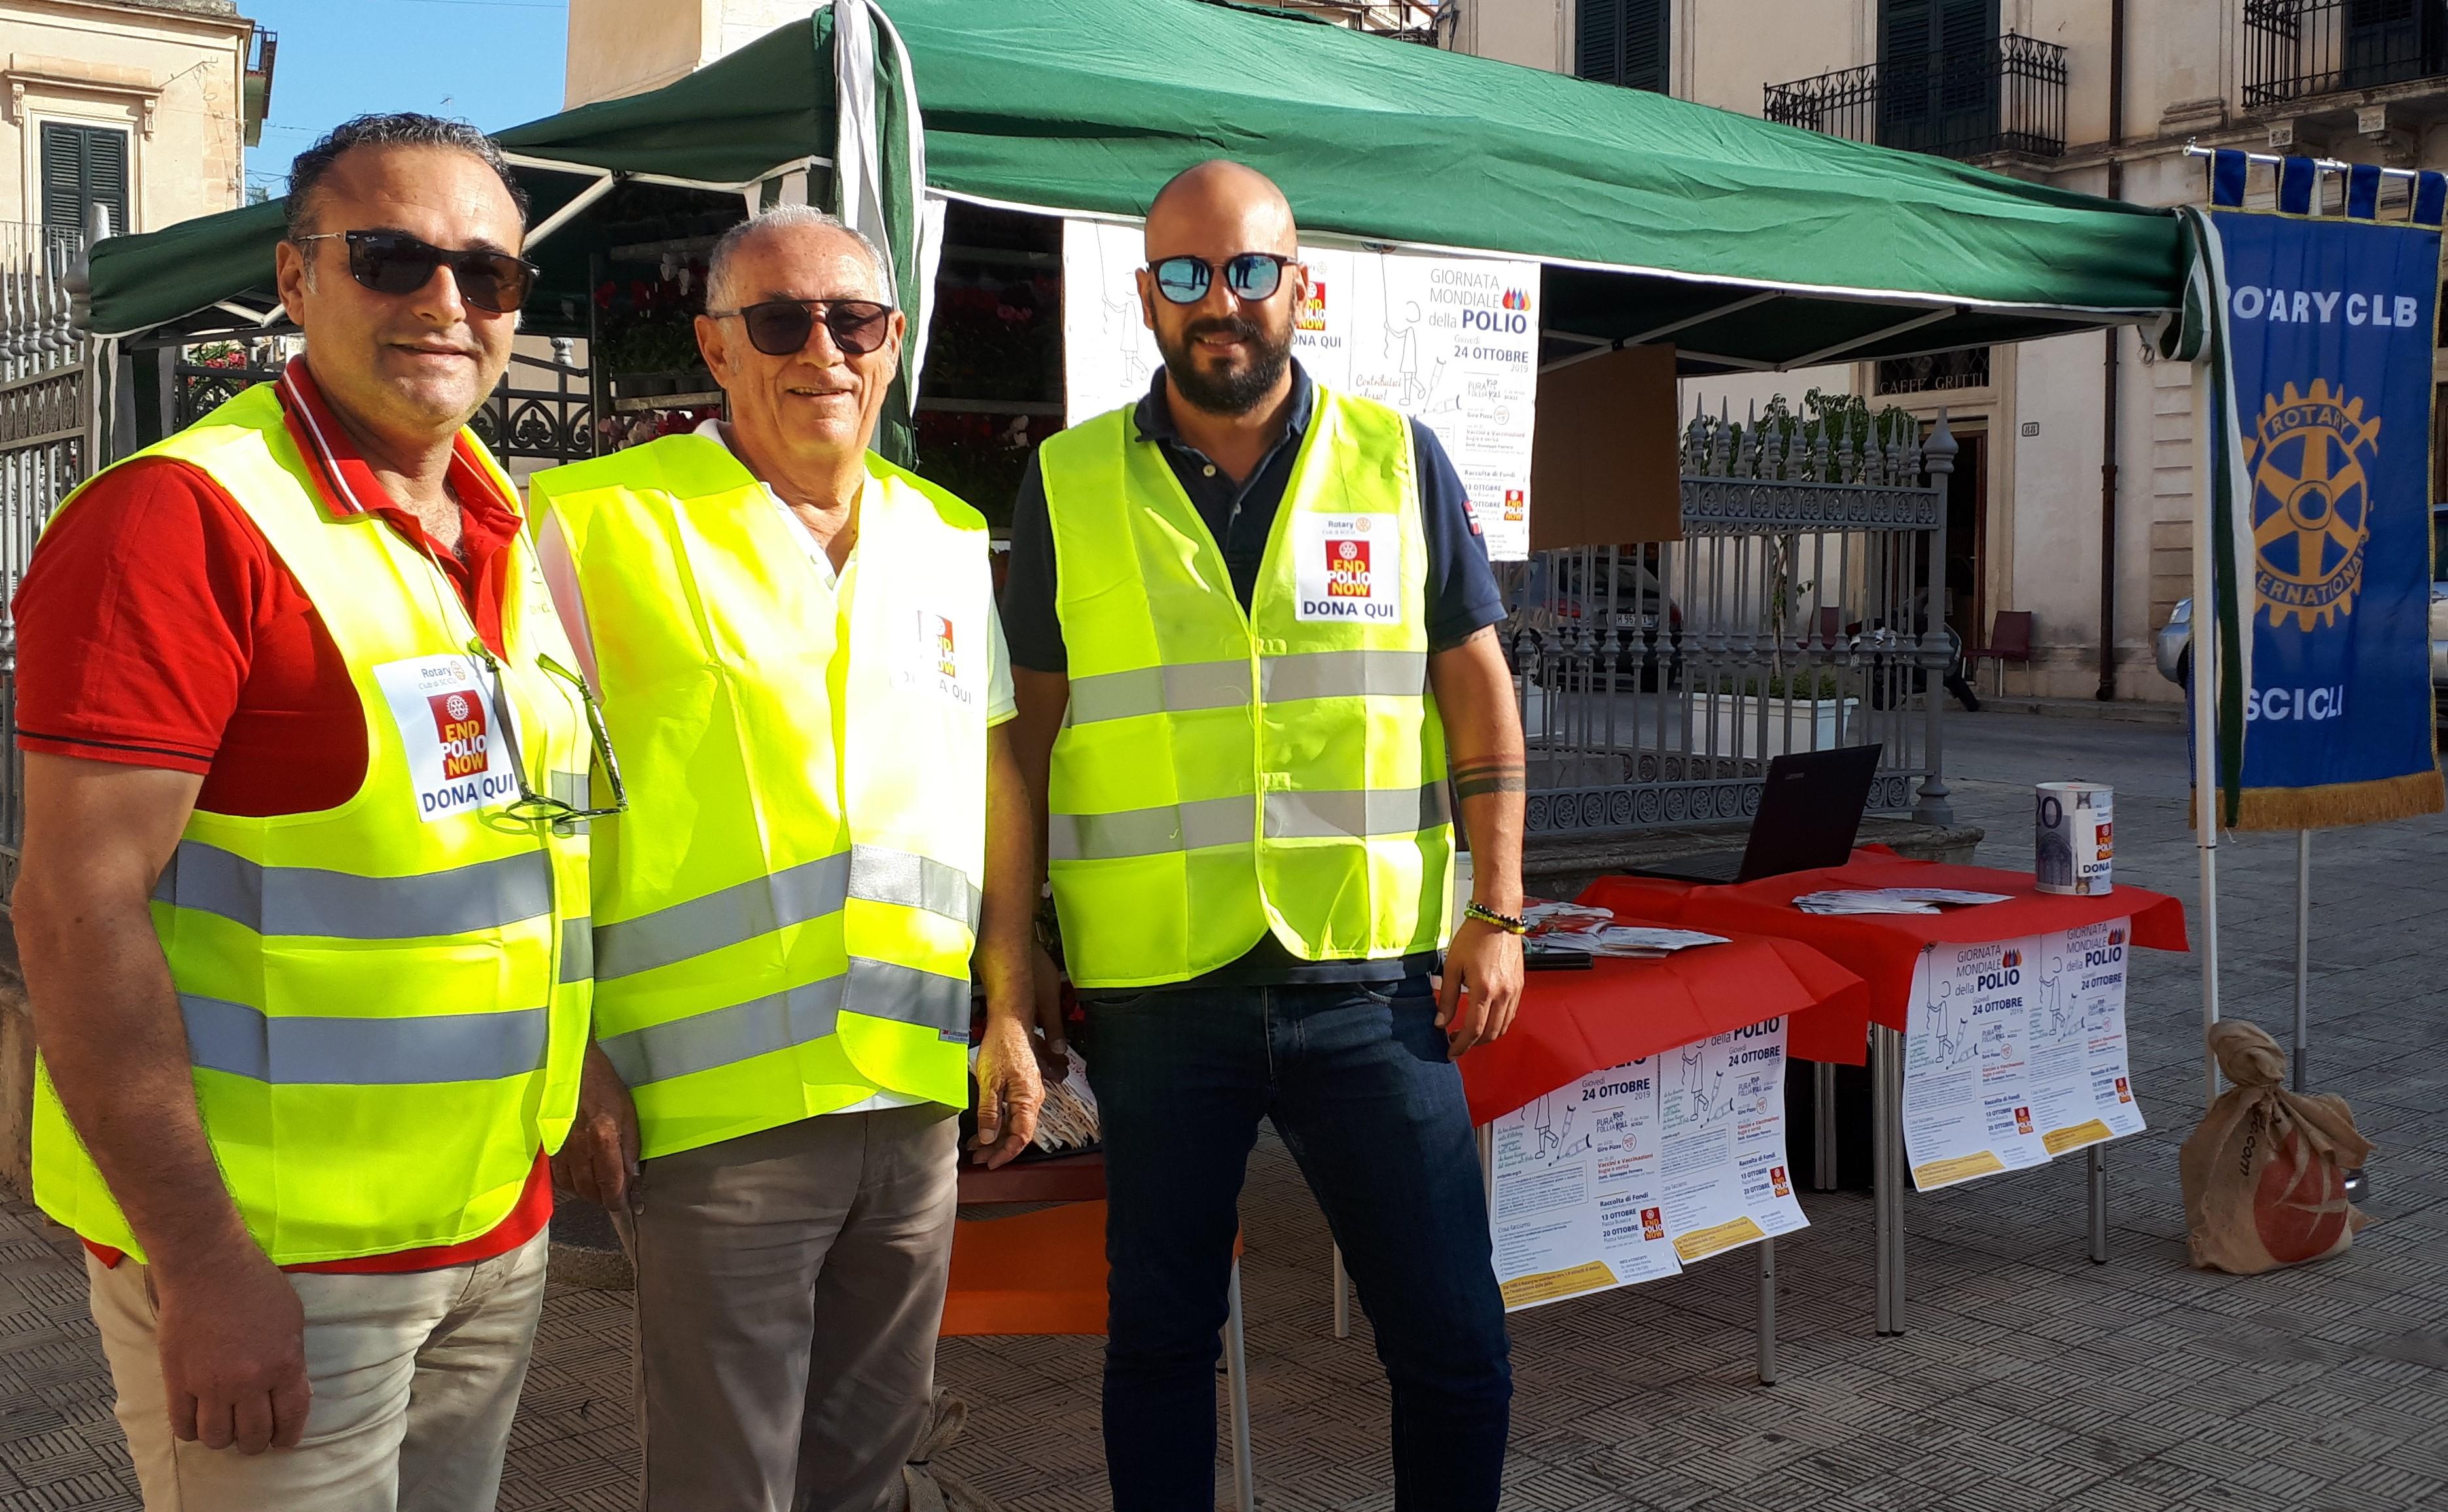 Scicli, lotta alla Polio: iniziativa del Rotary Club in piazza Municipio